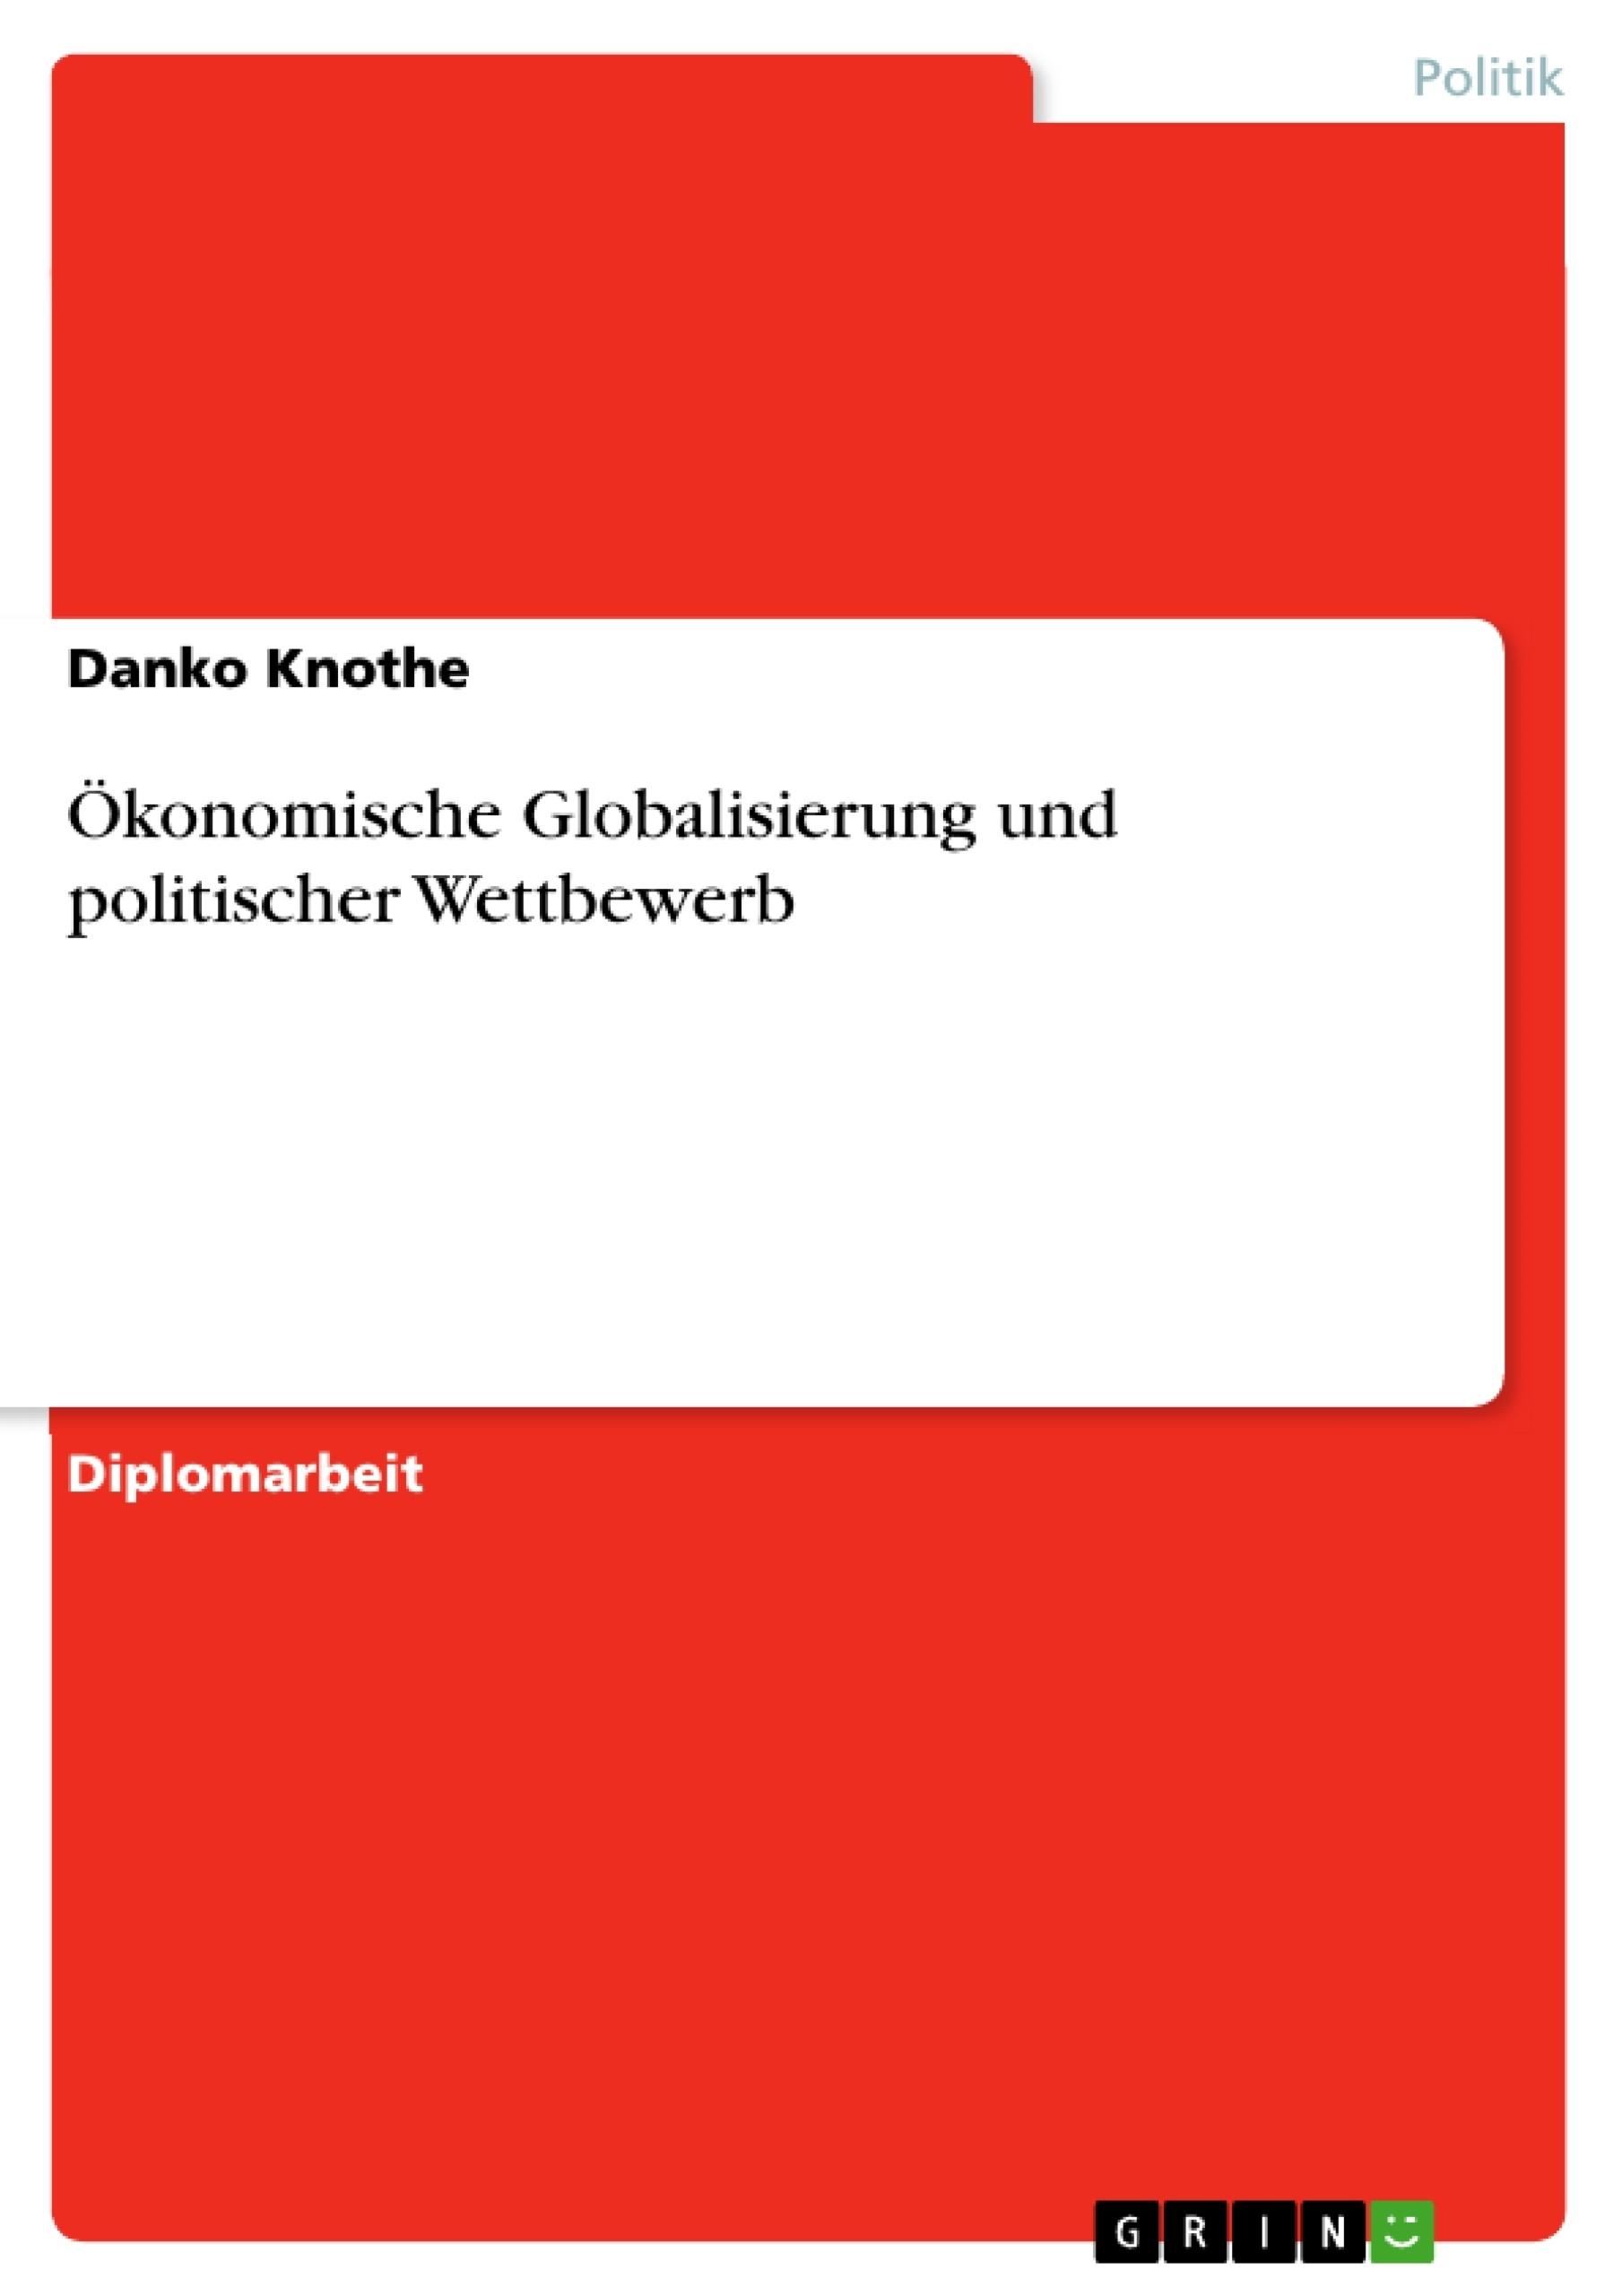 Titel: Ökonomische Globalisierung und politischer Wettbewerb